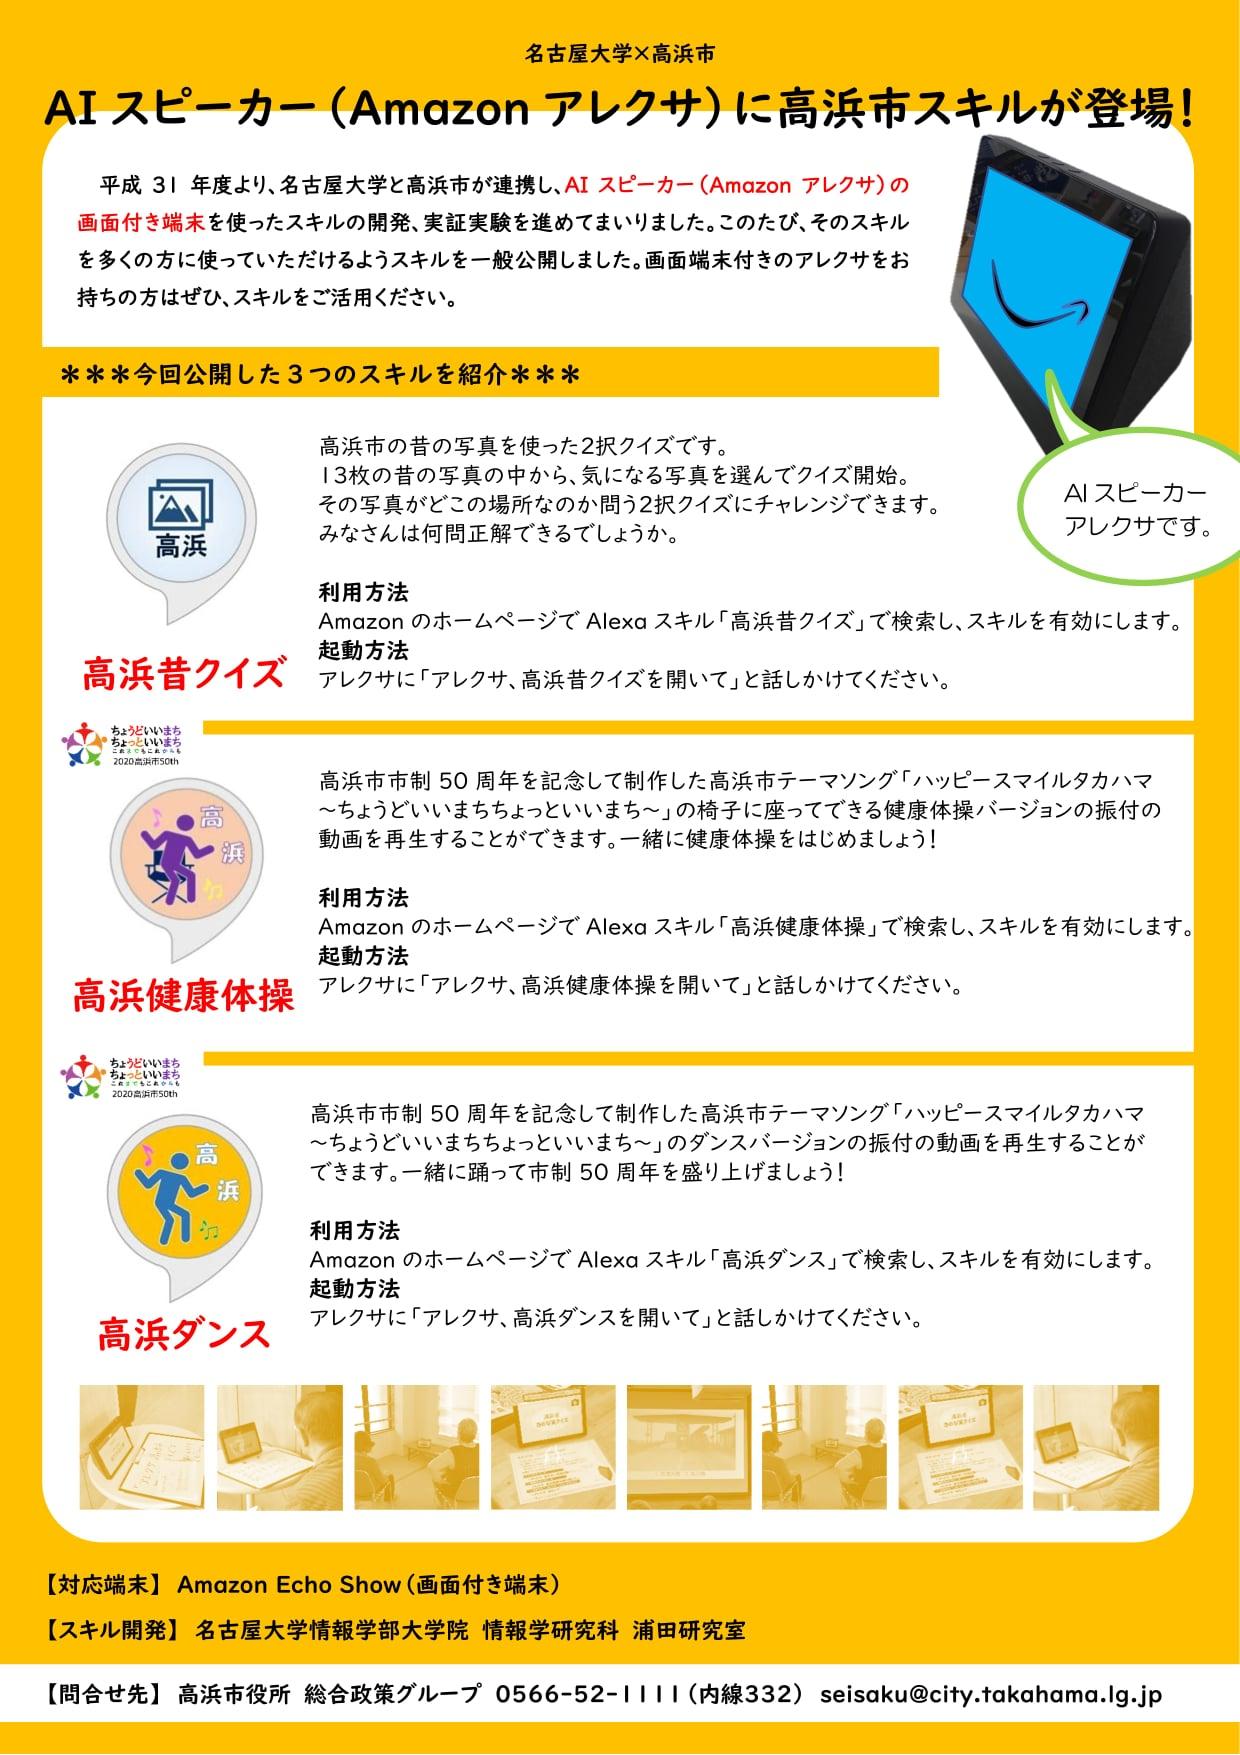 学生の開発したスキルが高浜市のホームページで紹介されました